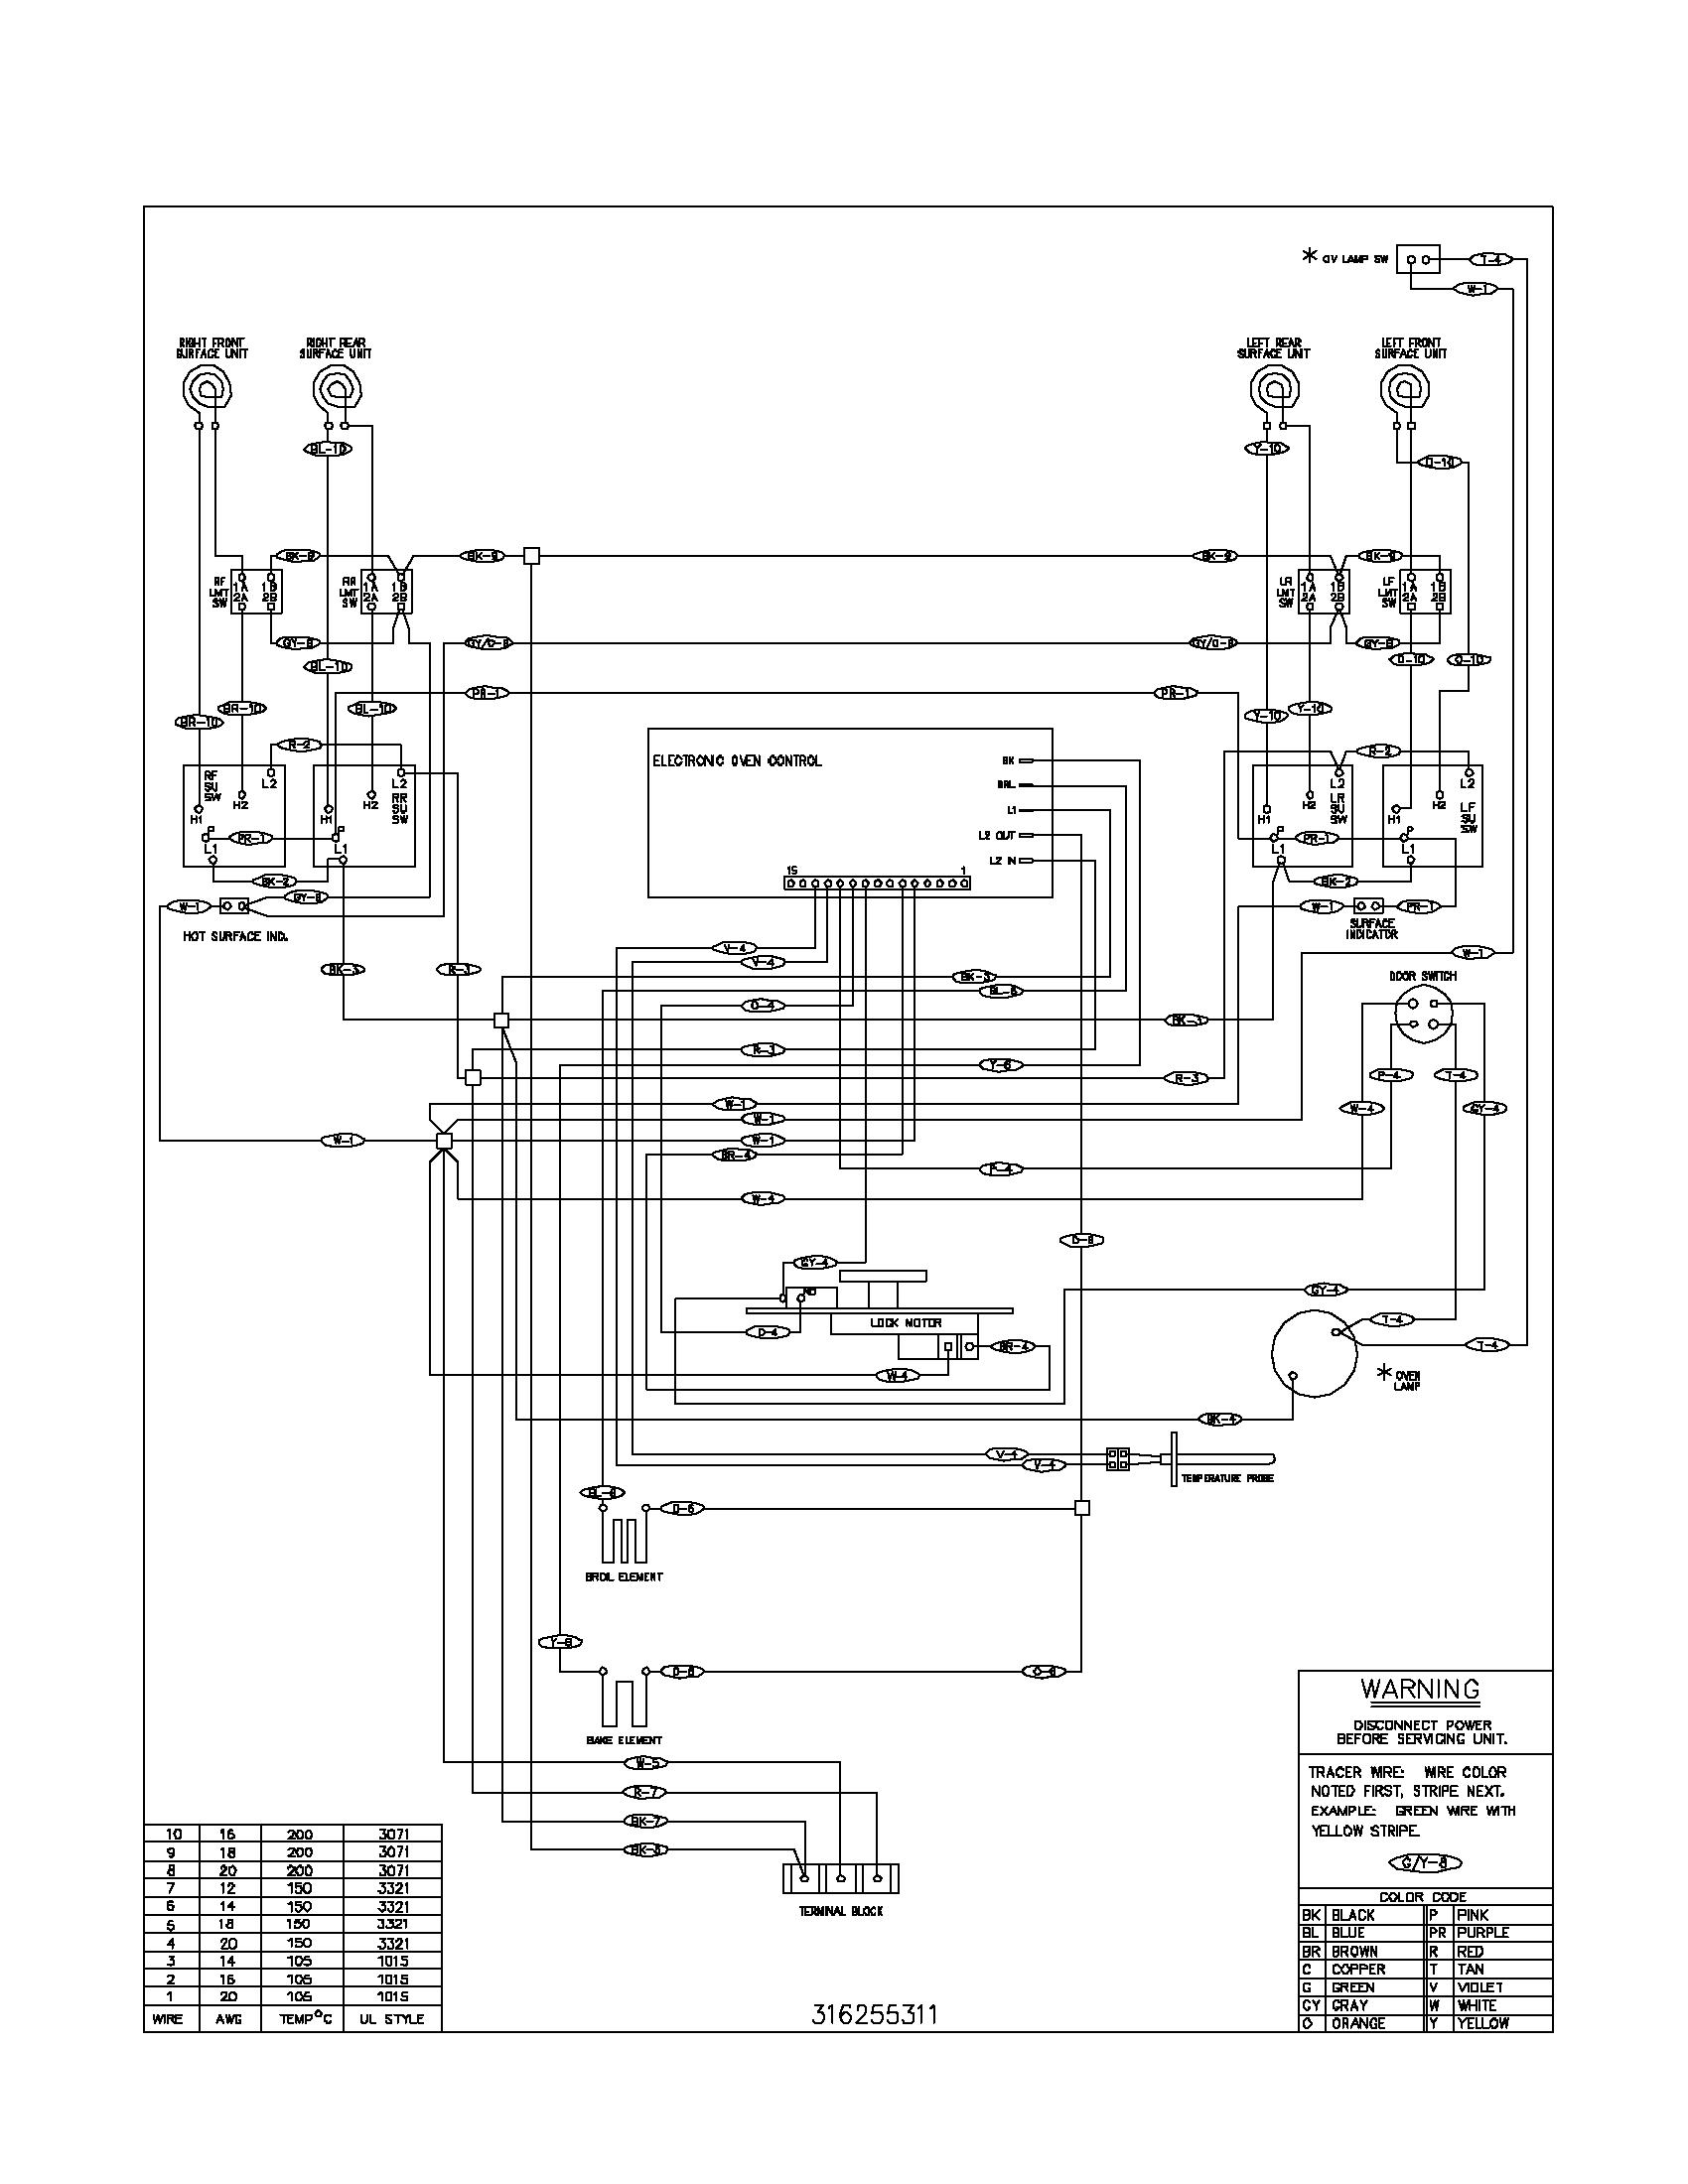 command autopilot ca300 wiring diagram   38 wiring diagram